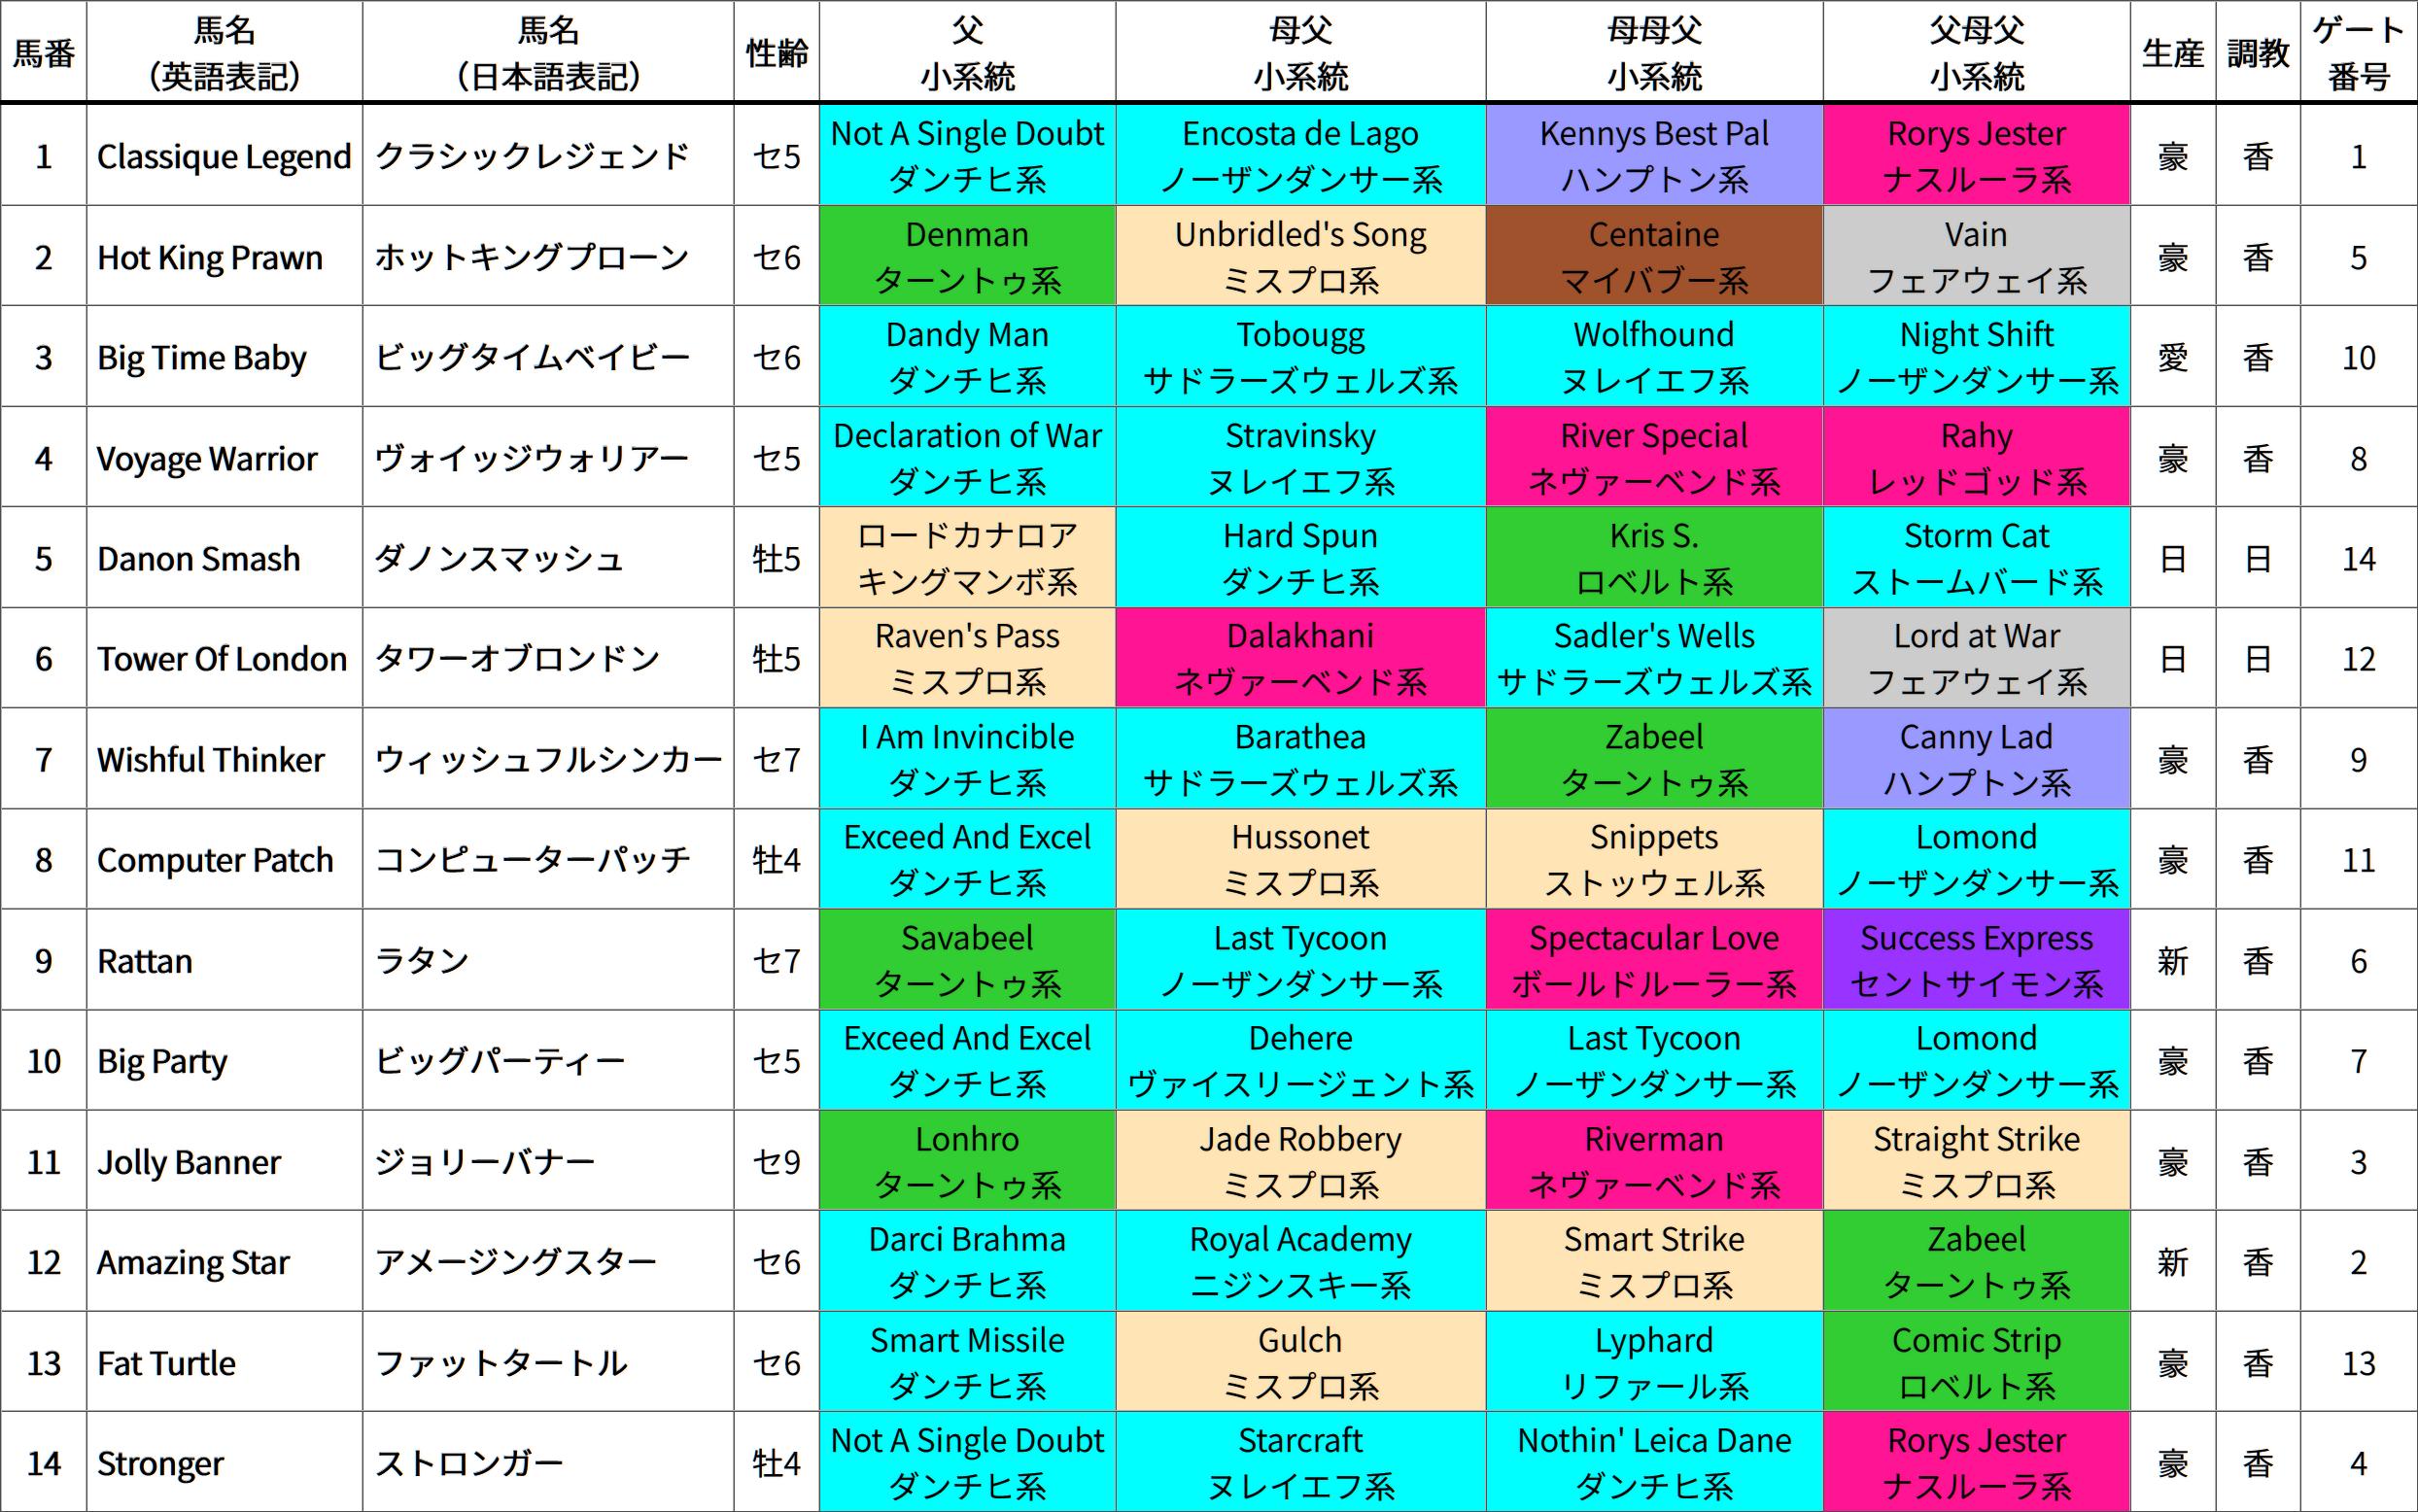 香港スプリント(芝1200m、日本時間15:40発走) 出走馬の4ライン血統&系統表